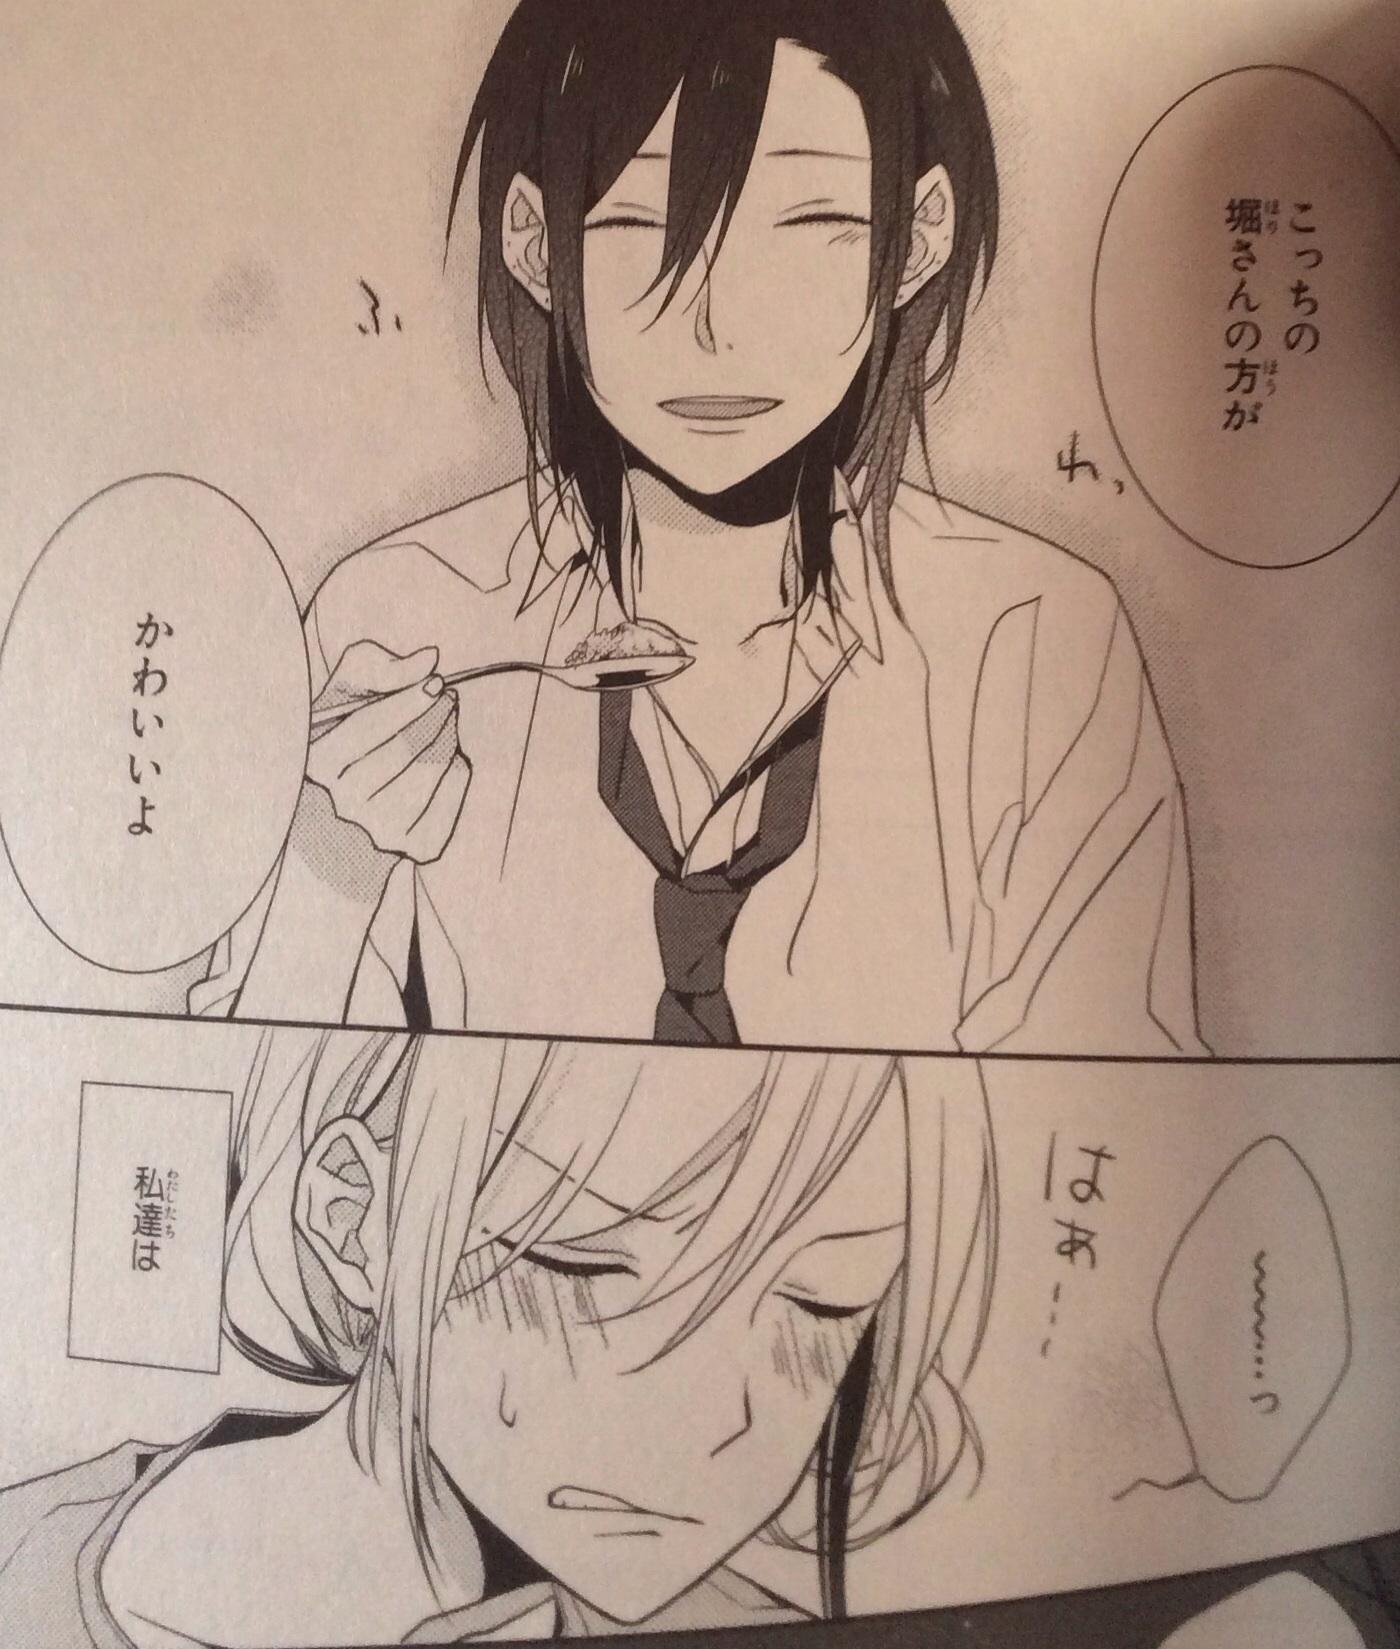 宮村 漫画 堀 さん と くん